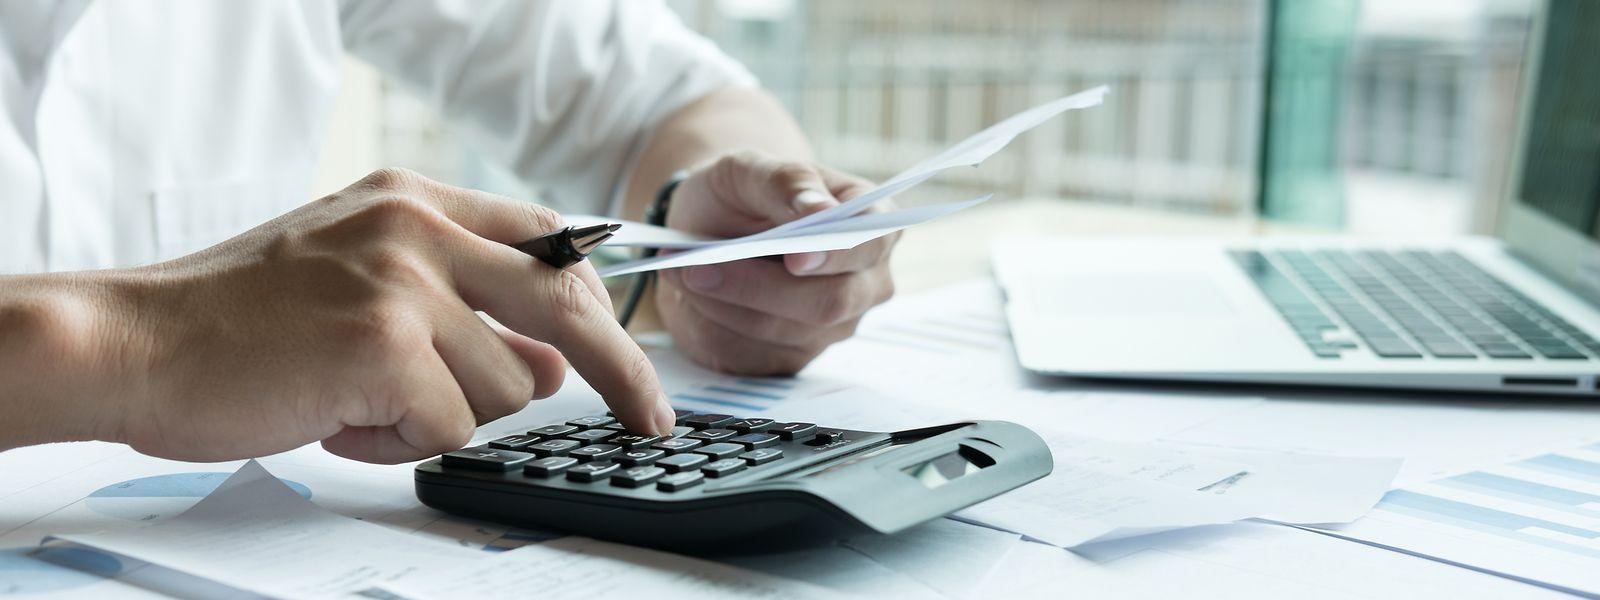 En analysant 13.310 annonces de location, le Liser a estimé le loyer moyen mensuel pratiqué au Luxembourg à 29,41€/m2. C'est une moyenne...